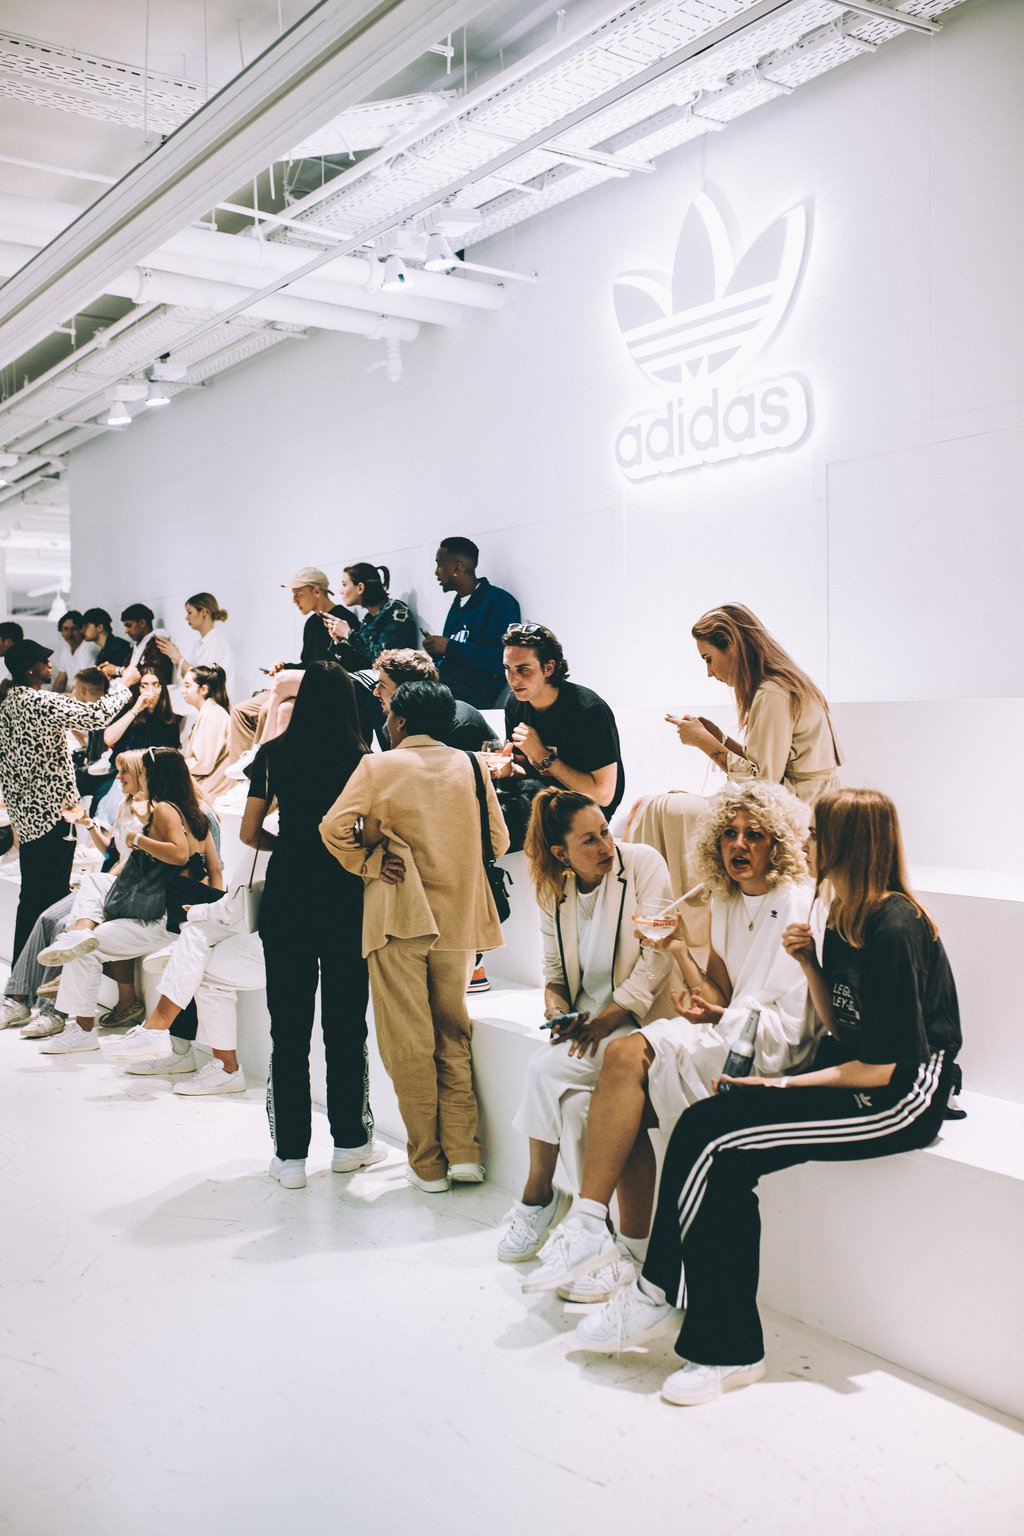 adidas Originals prezentuje nową linie sneakersów Fashionpost